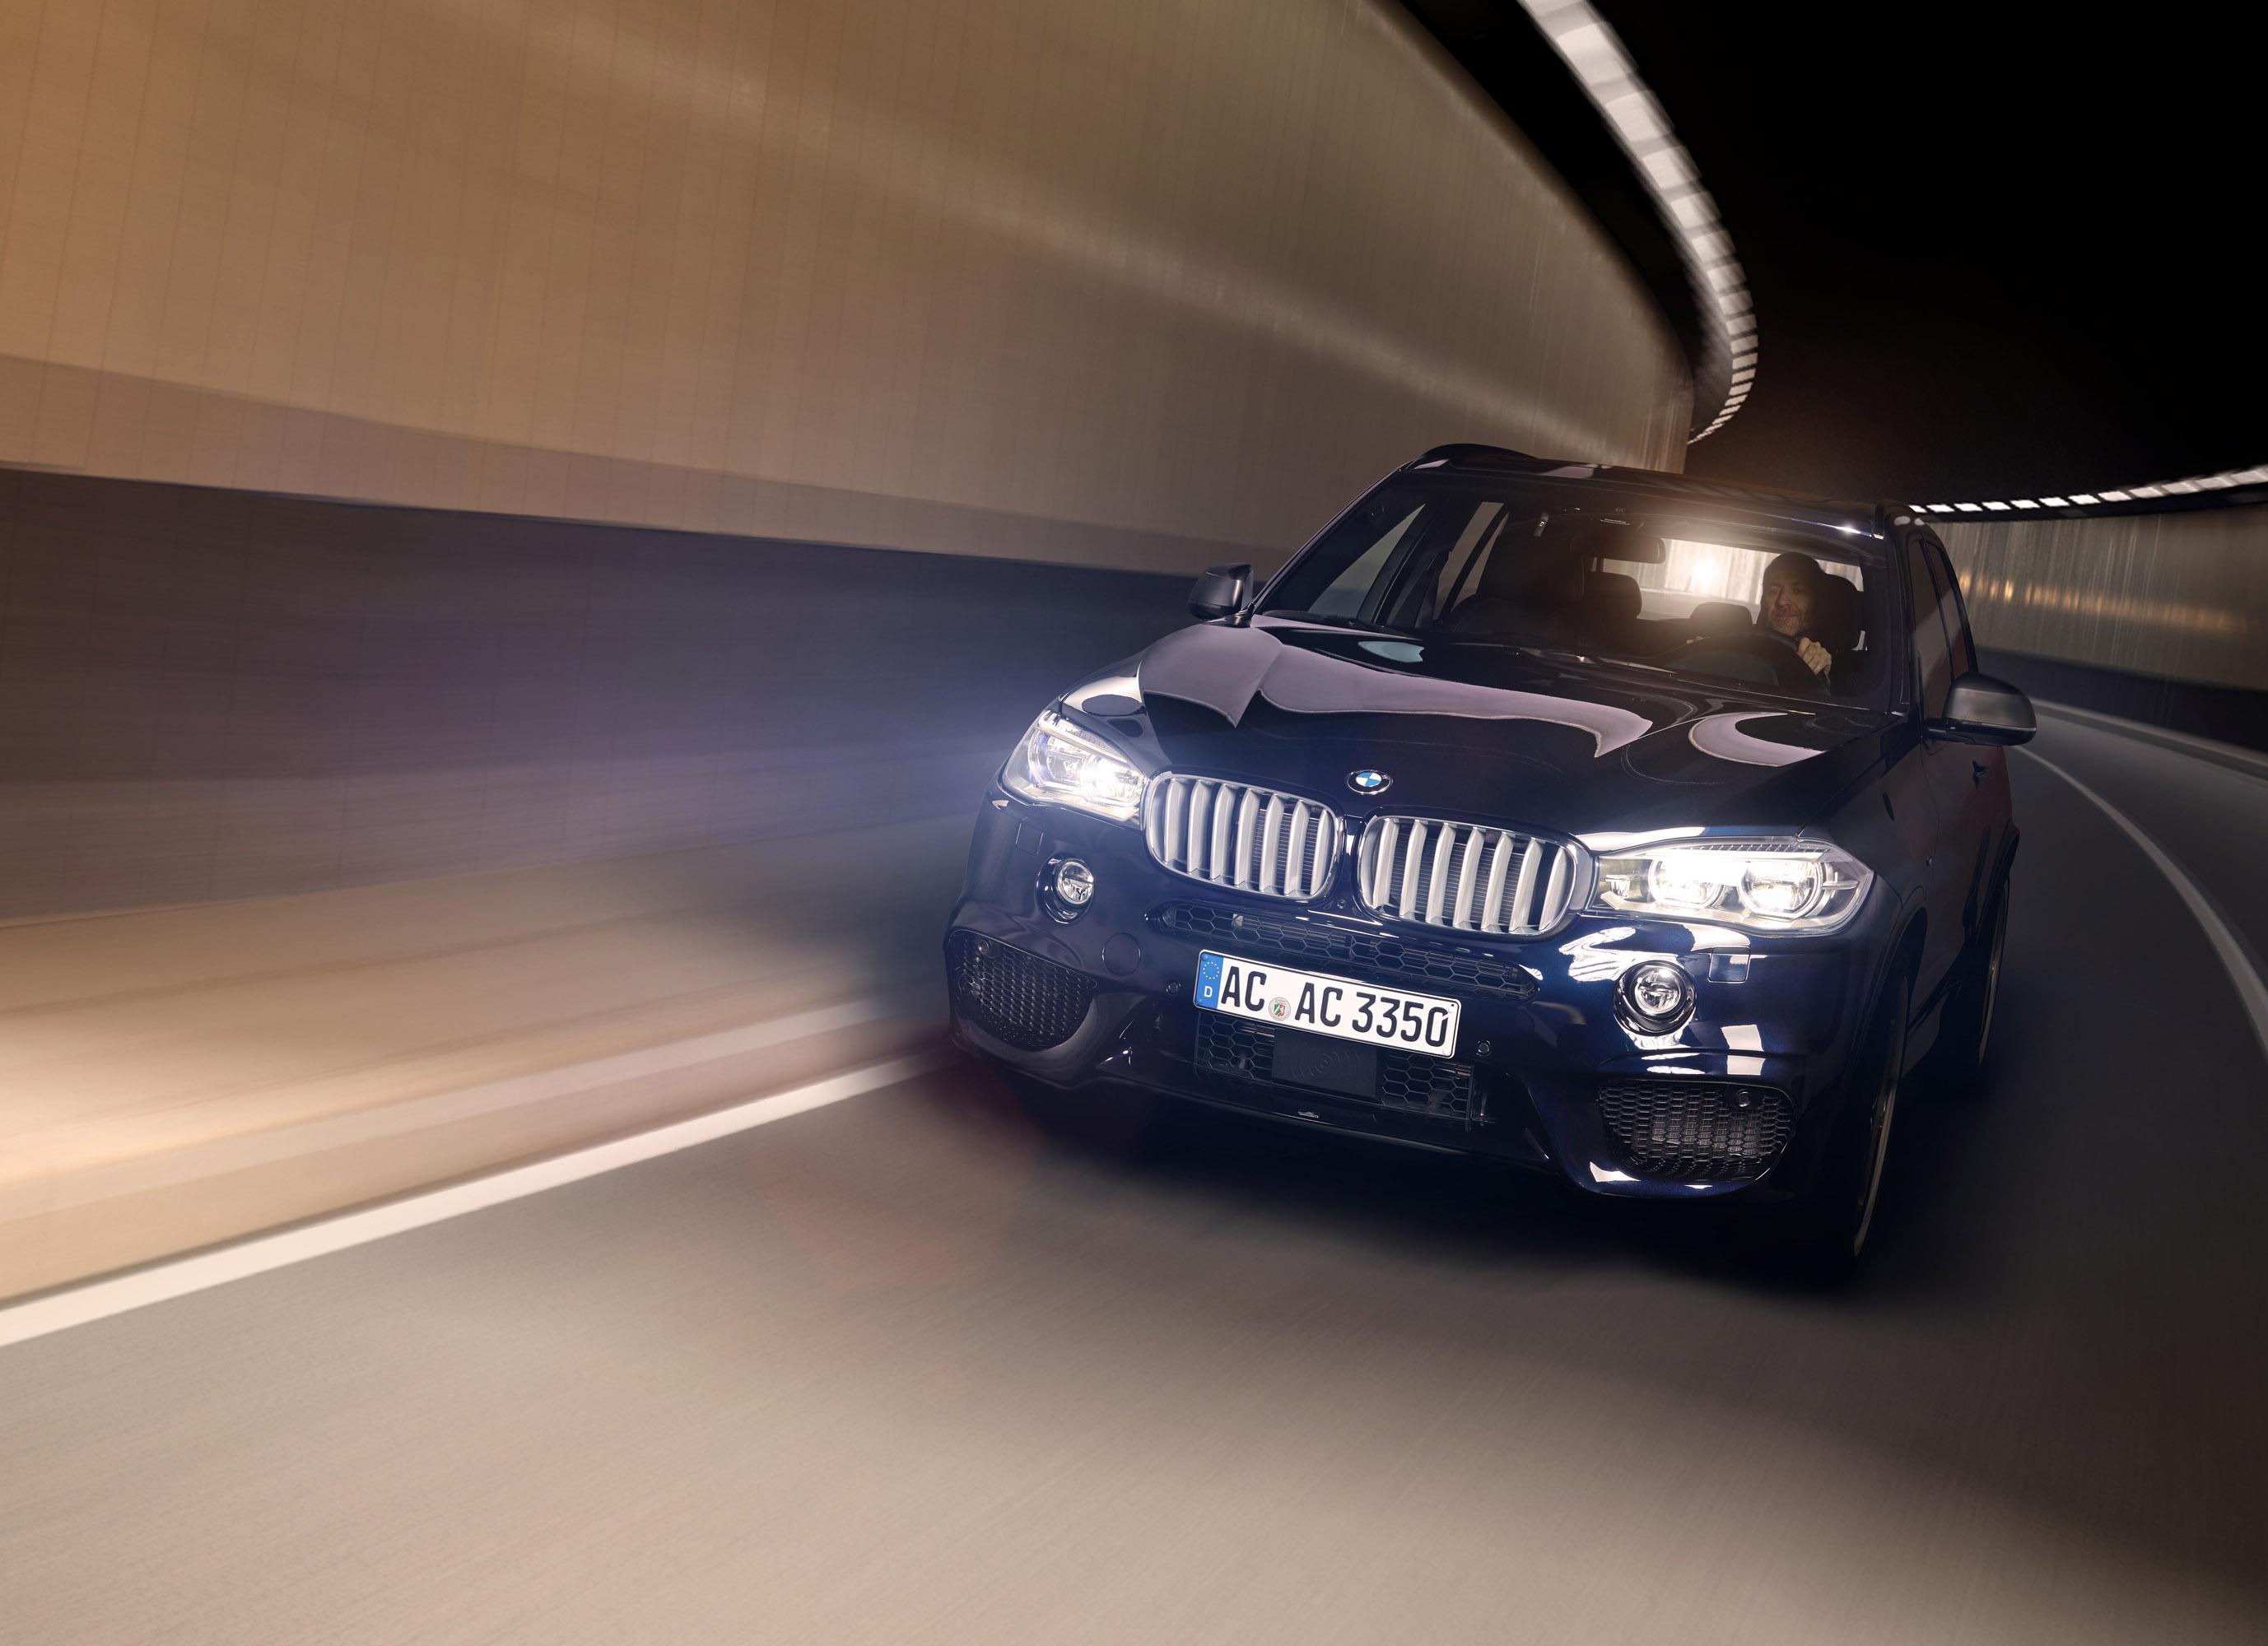 AC Schnitzer BMW X5 F15 photo #1